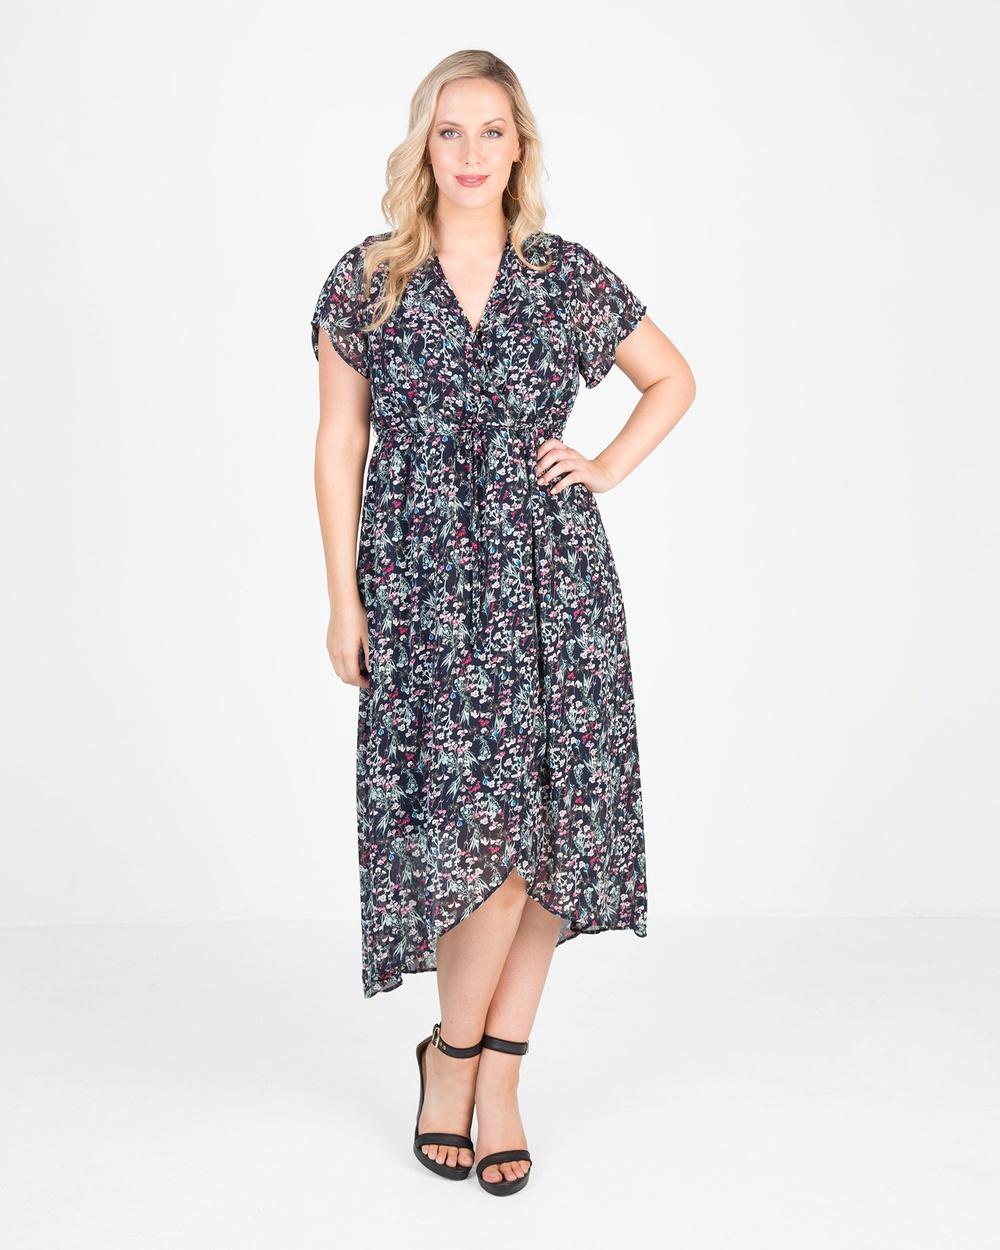 Love Your Wardrobe Holly Print Maxi Dress Printed Dresses Holly Floral Holly Print Maxi Dress